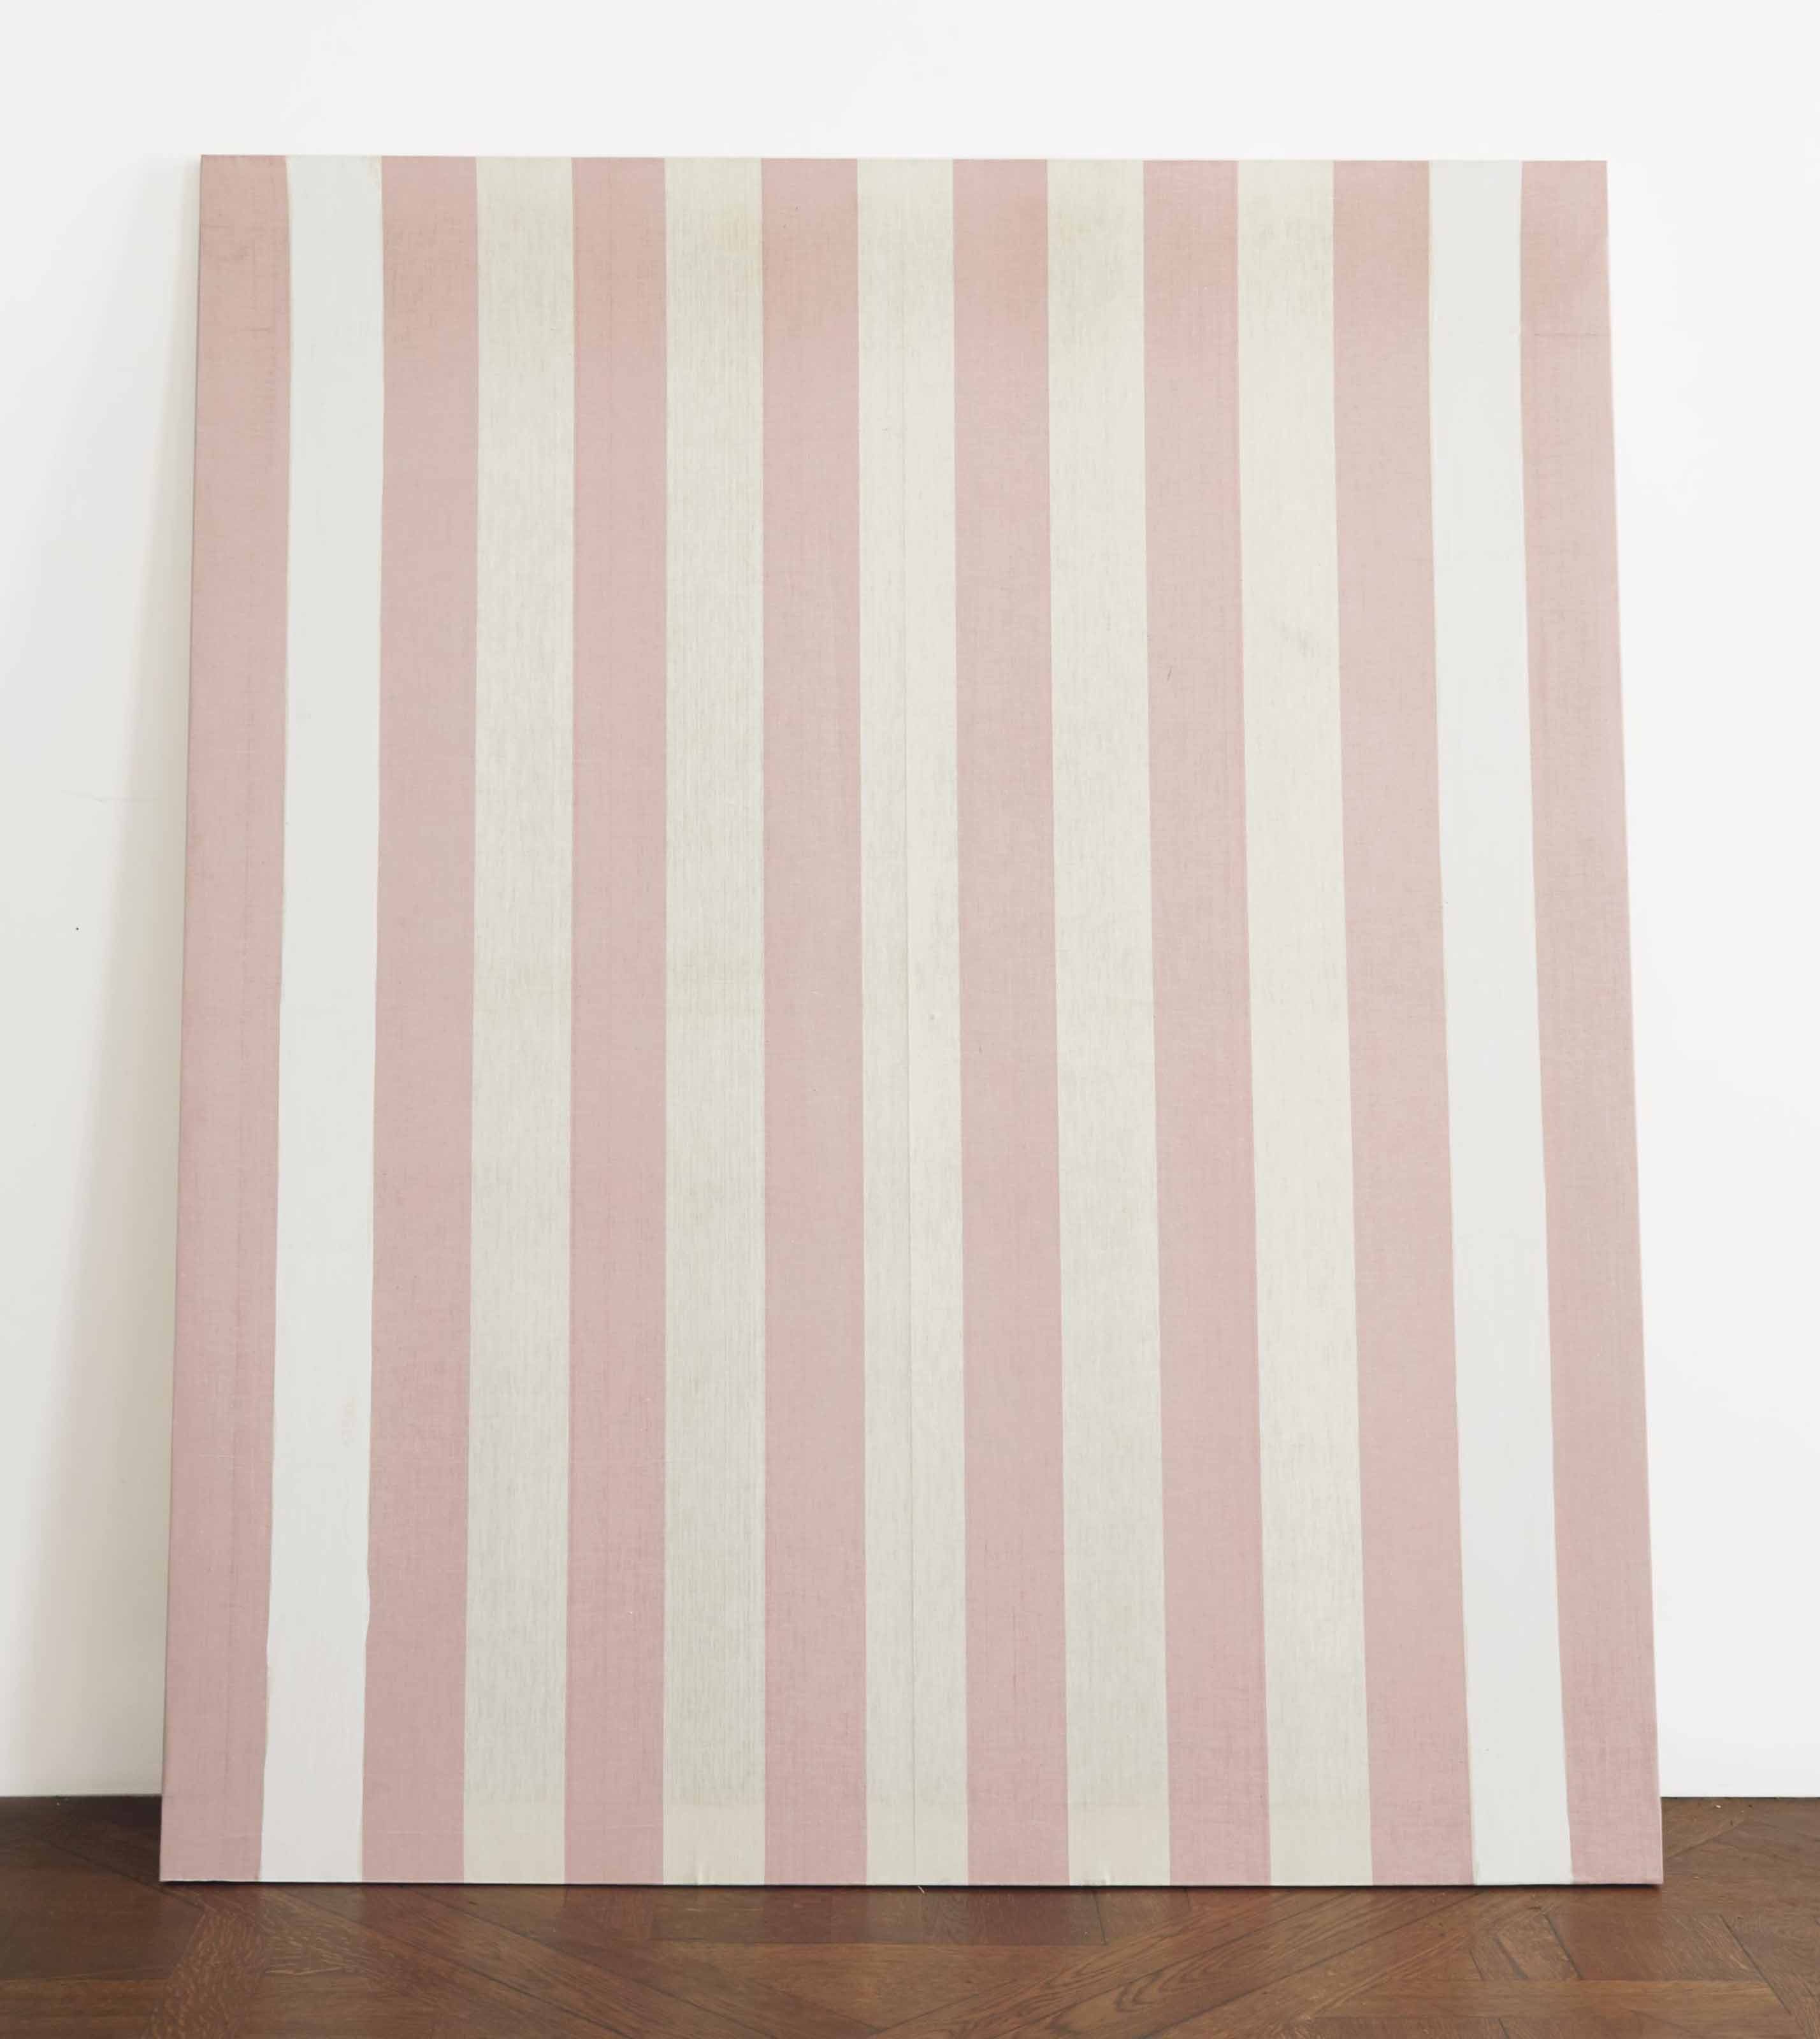 Peinture acrylique blanche sur tissu rayé blanc et rouge